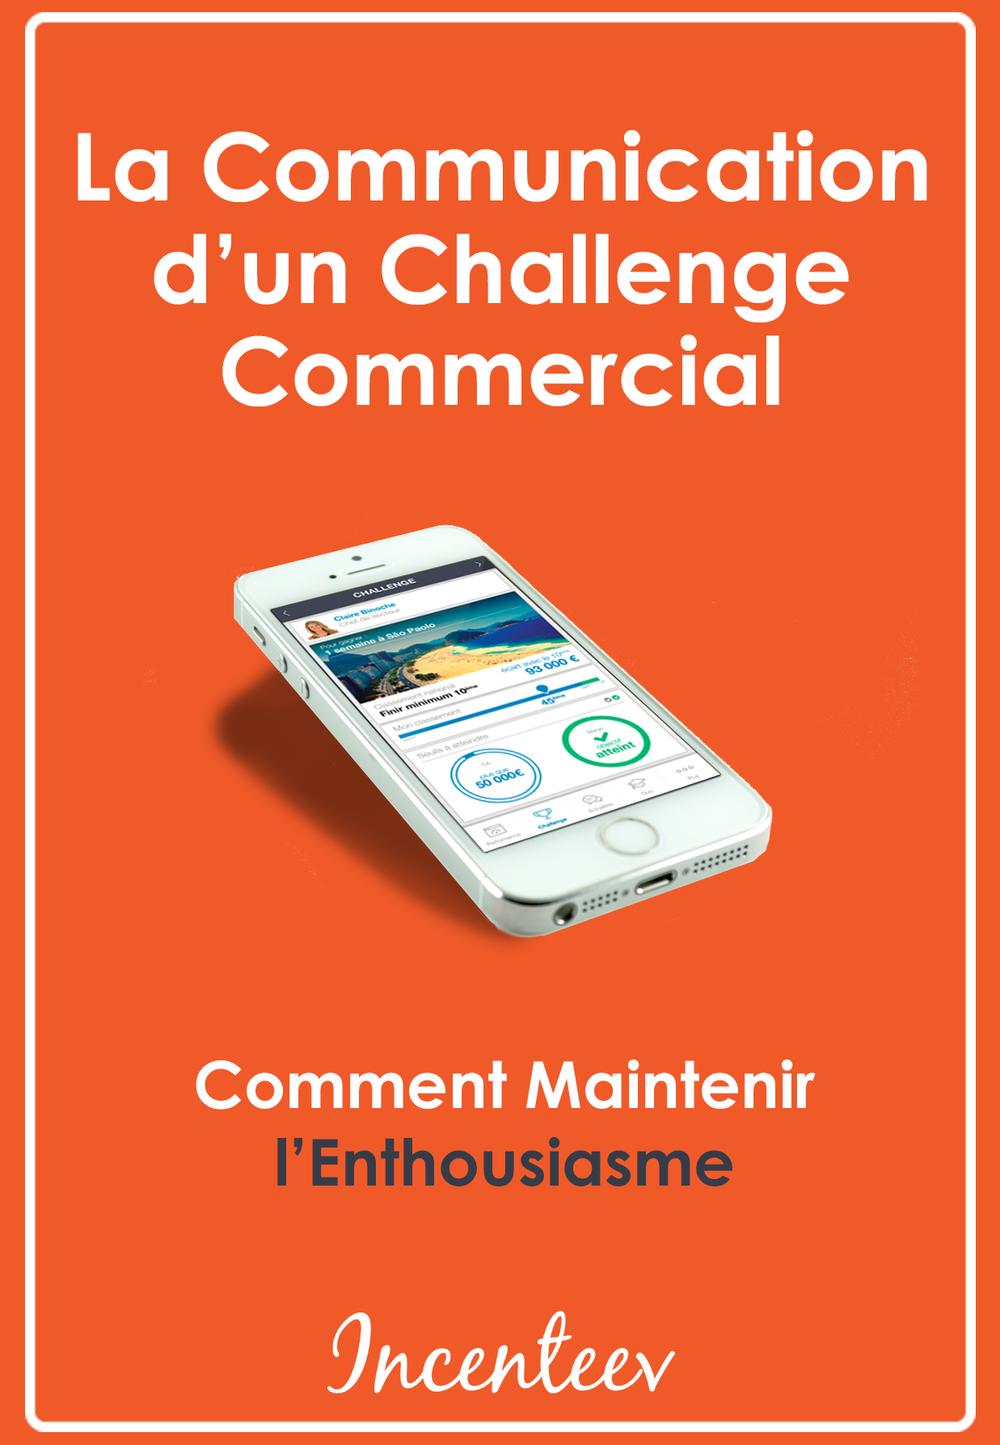 télécharger livre blanc la communication d'un challenge commercial : comment maintenir l'enthousiasme